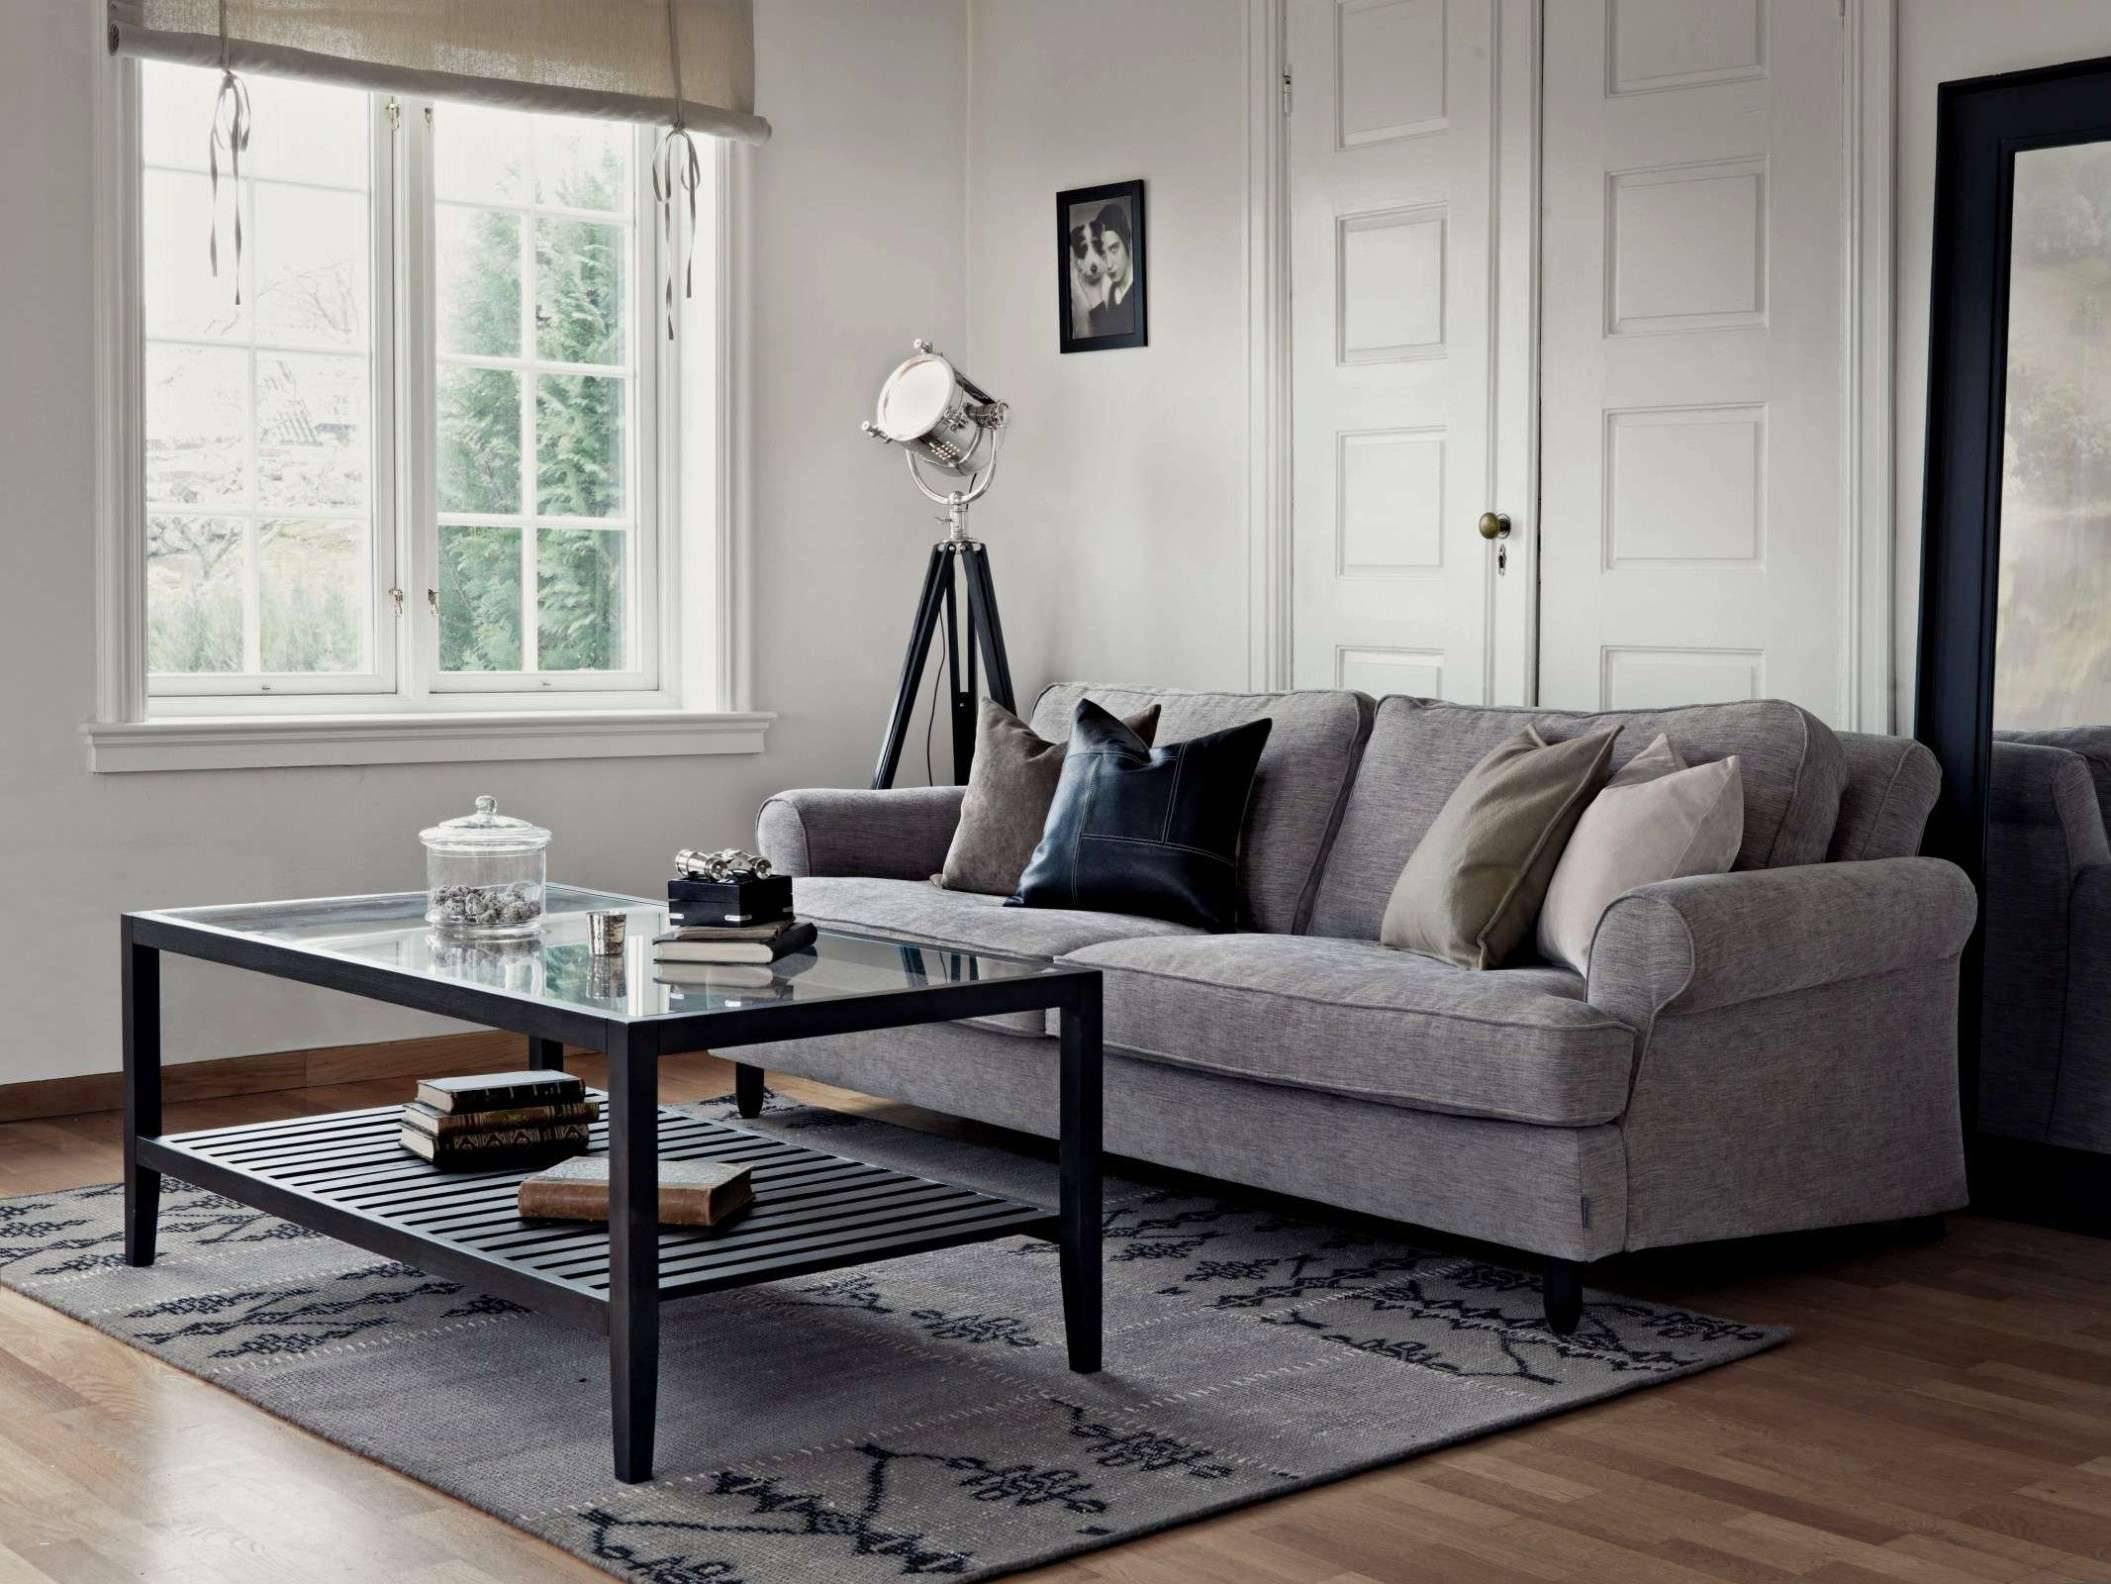 Außergewöhnliche Deko Schön Luxus Wohnzimmer Regal Schiebetür Ideen